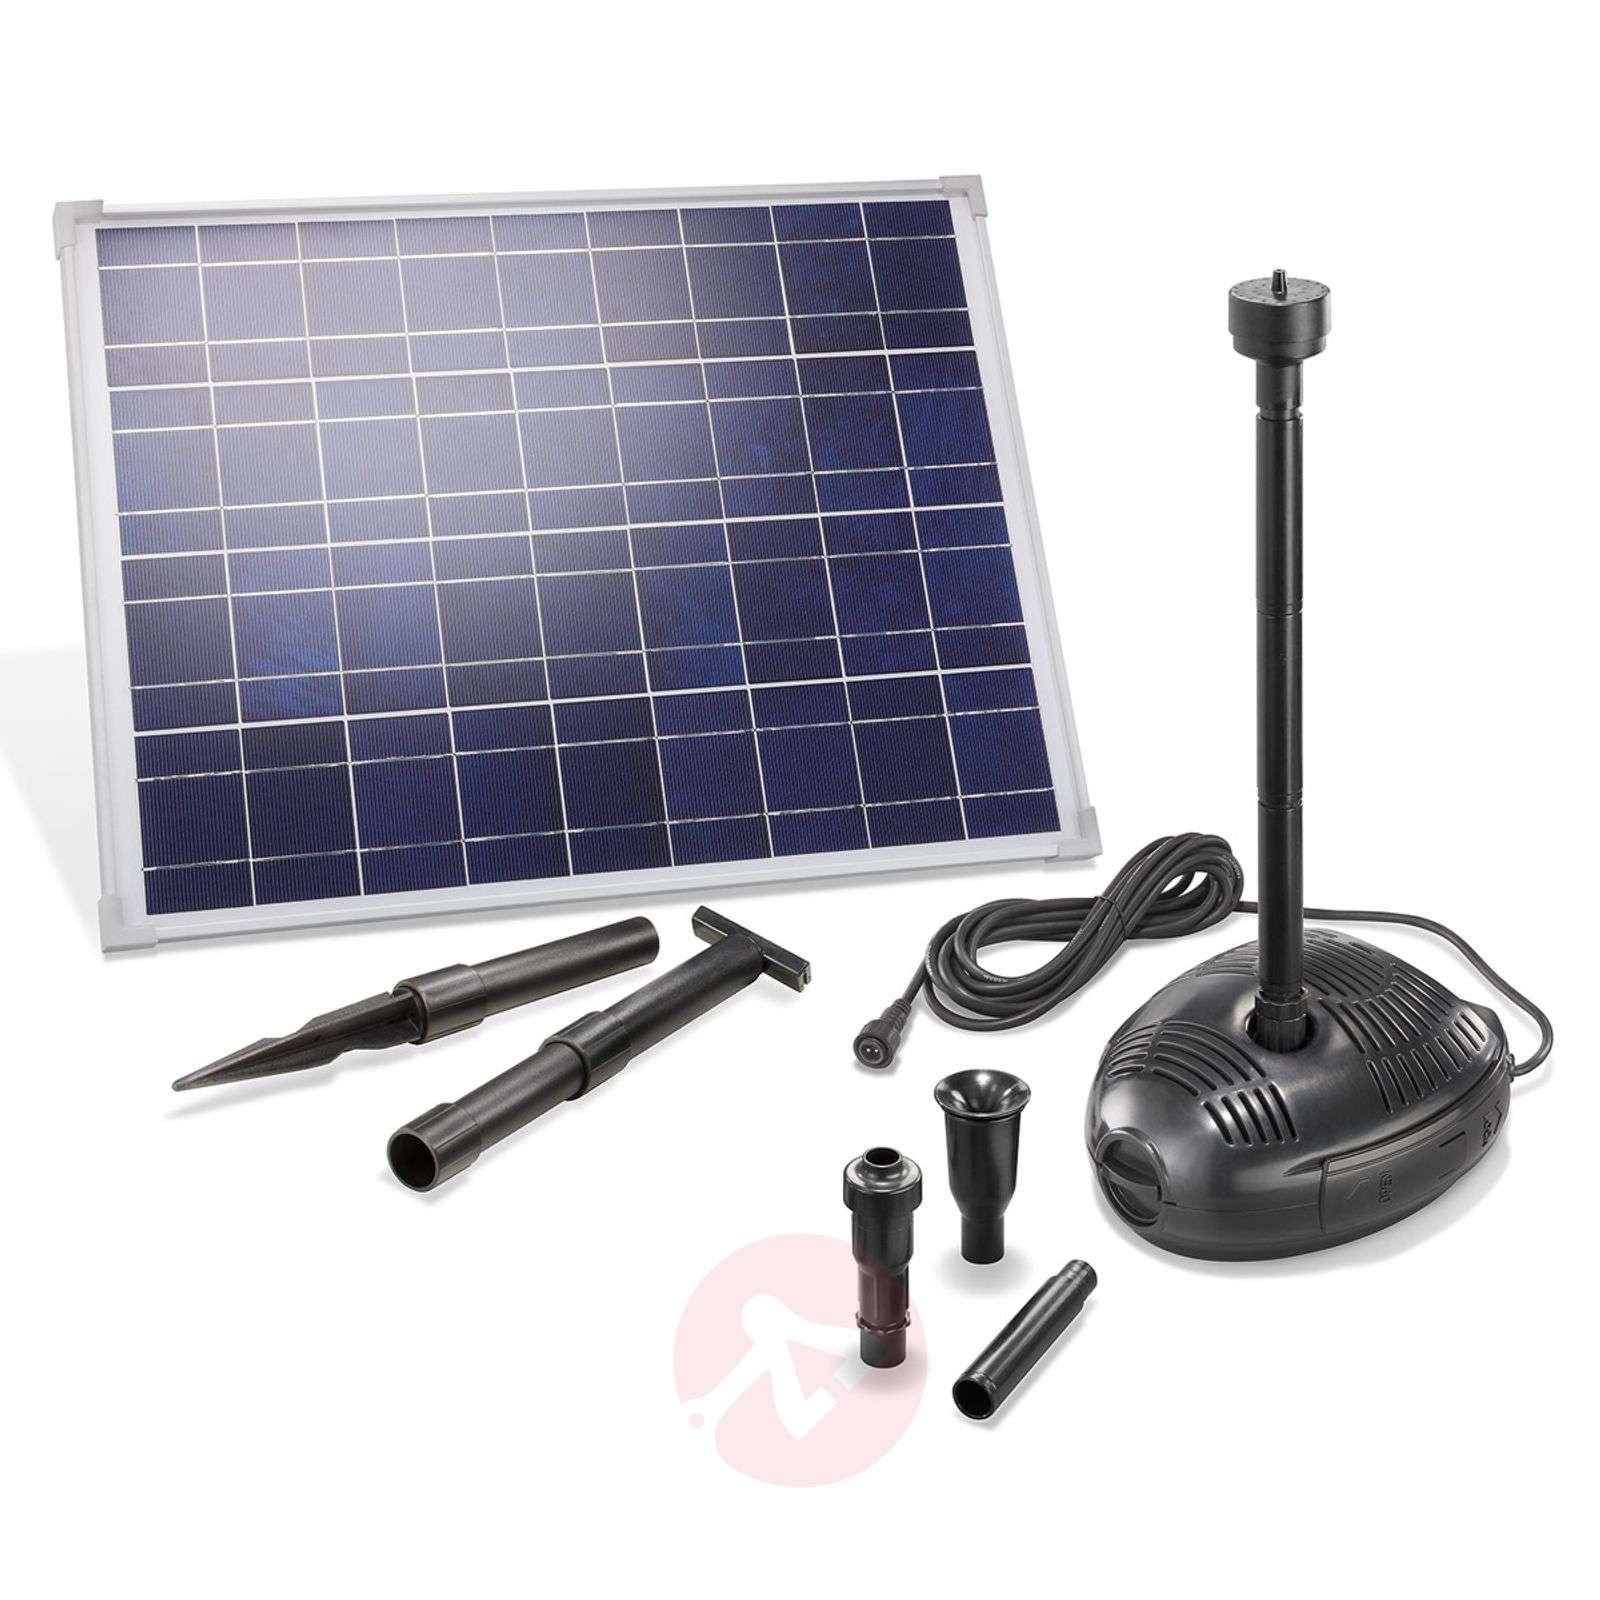 Aurinkokäyttöinen pumppujärjestelmä Genova-3012248-01